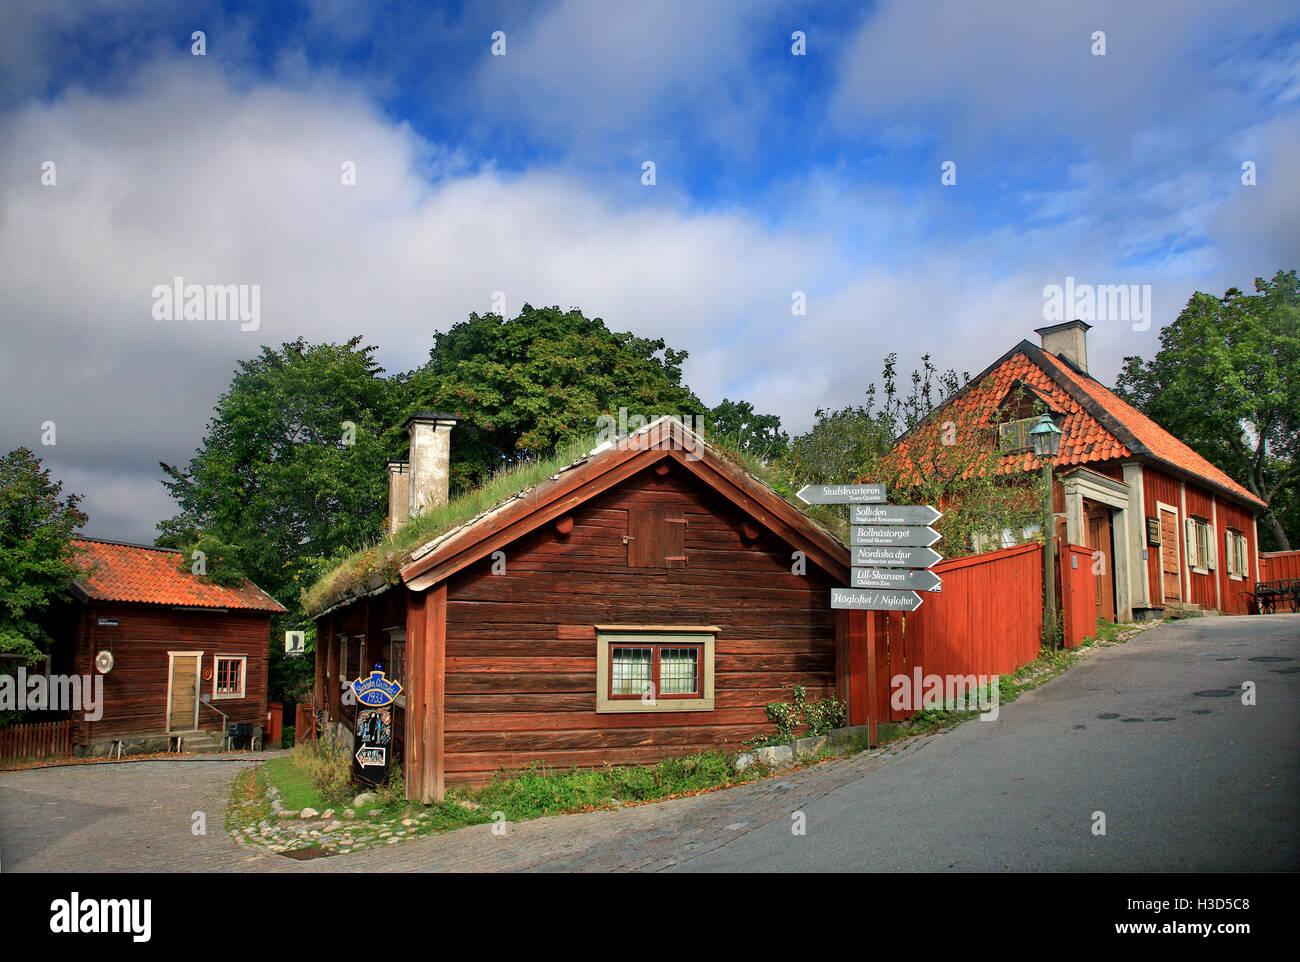 Il tradizionale 'old' architettura svedese nel museo all'aperto di Skansen, Isola Djurgarden, Stoccolma, Immagini Stock